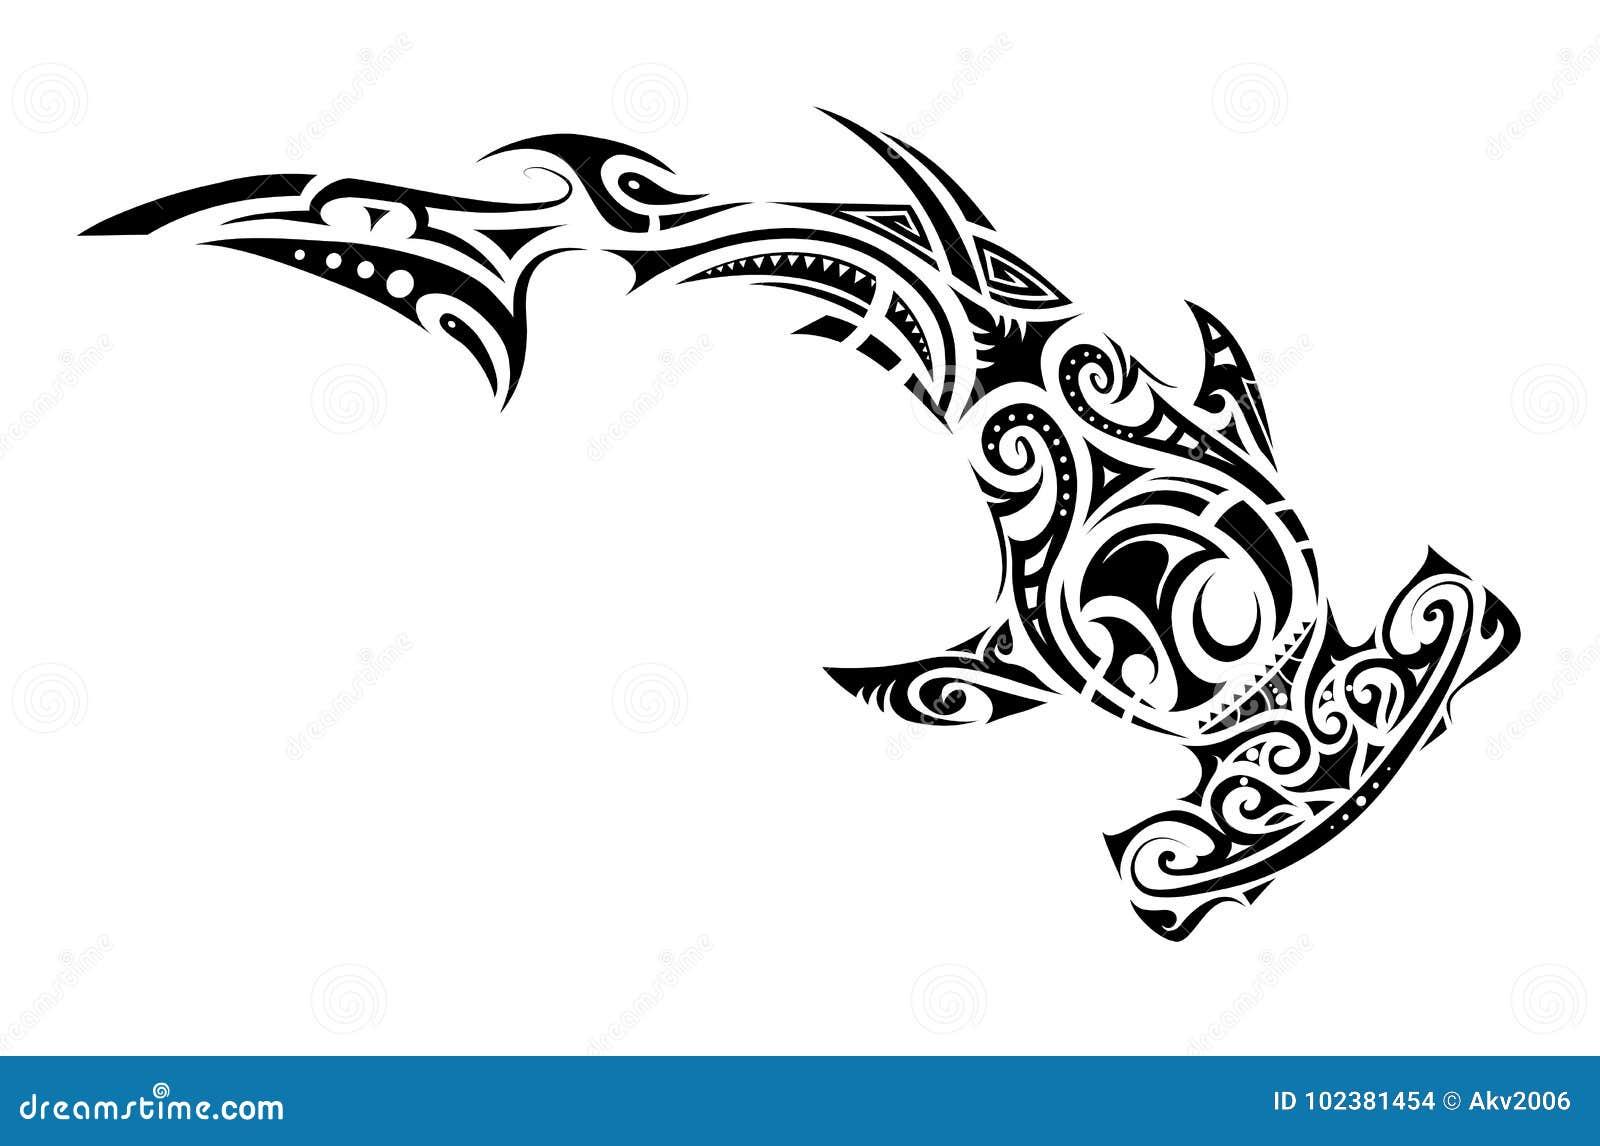 Tatouage maori de requin de marteau de style illustration - Dessin requin marteau ...